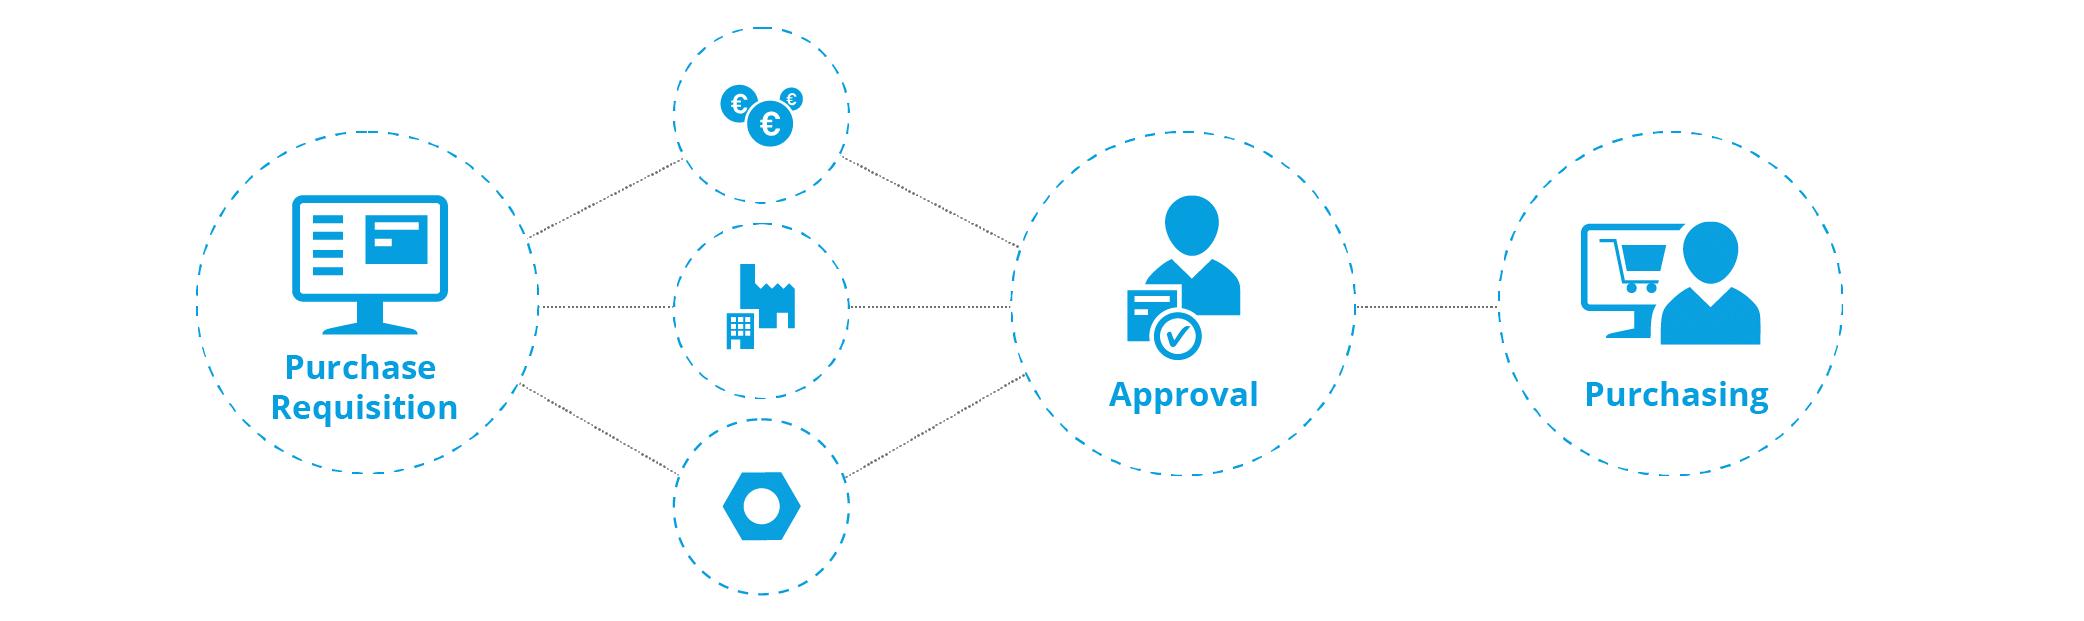 Procurement process - approval